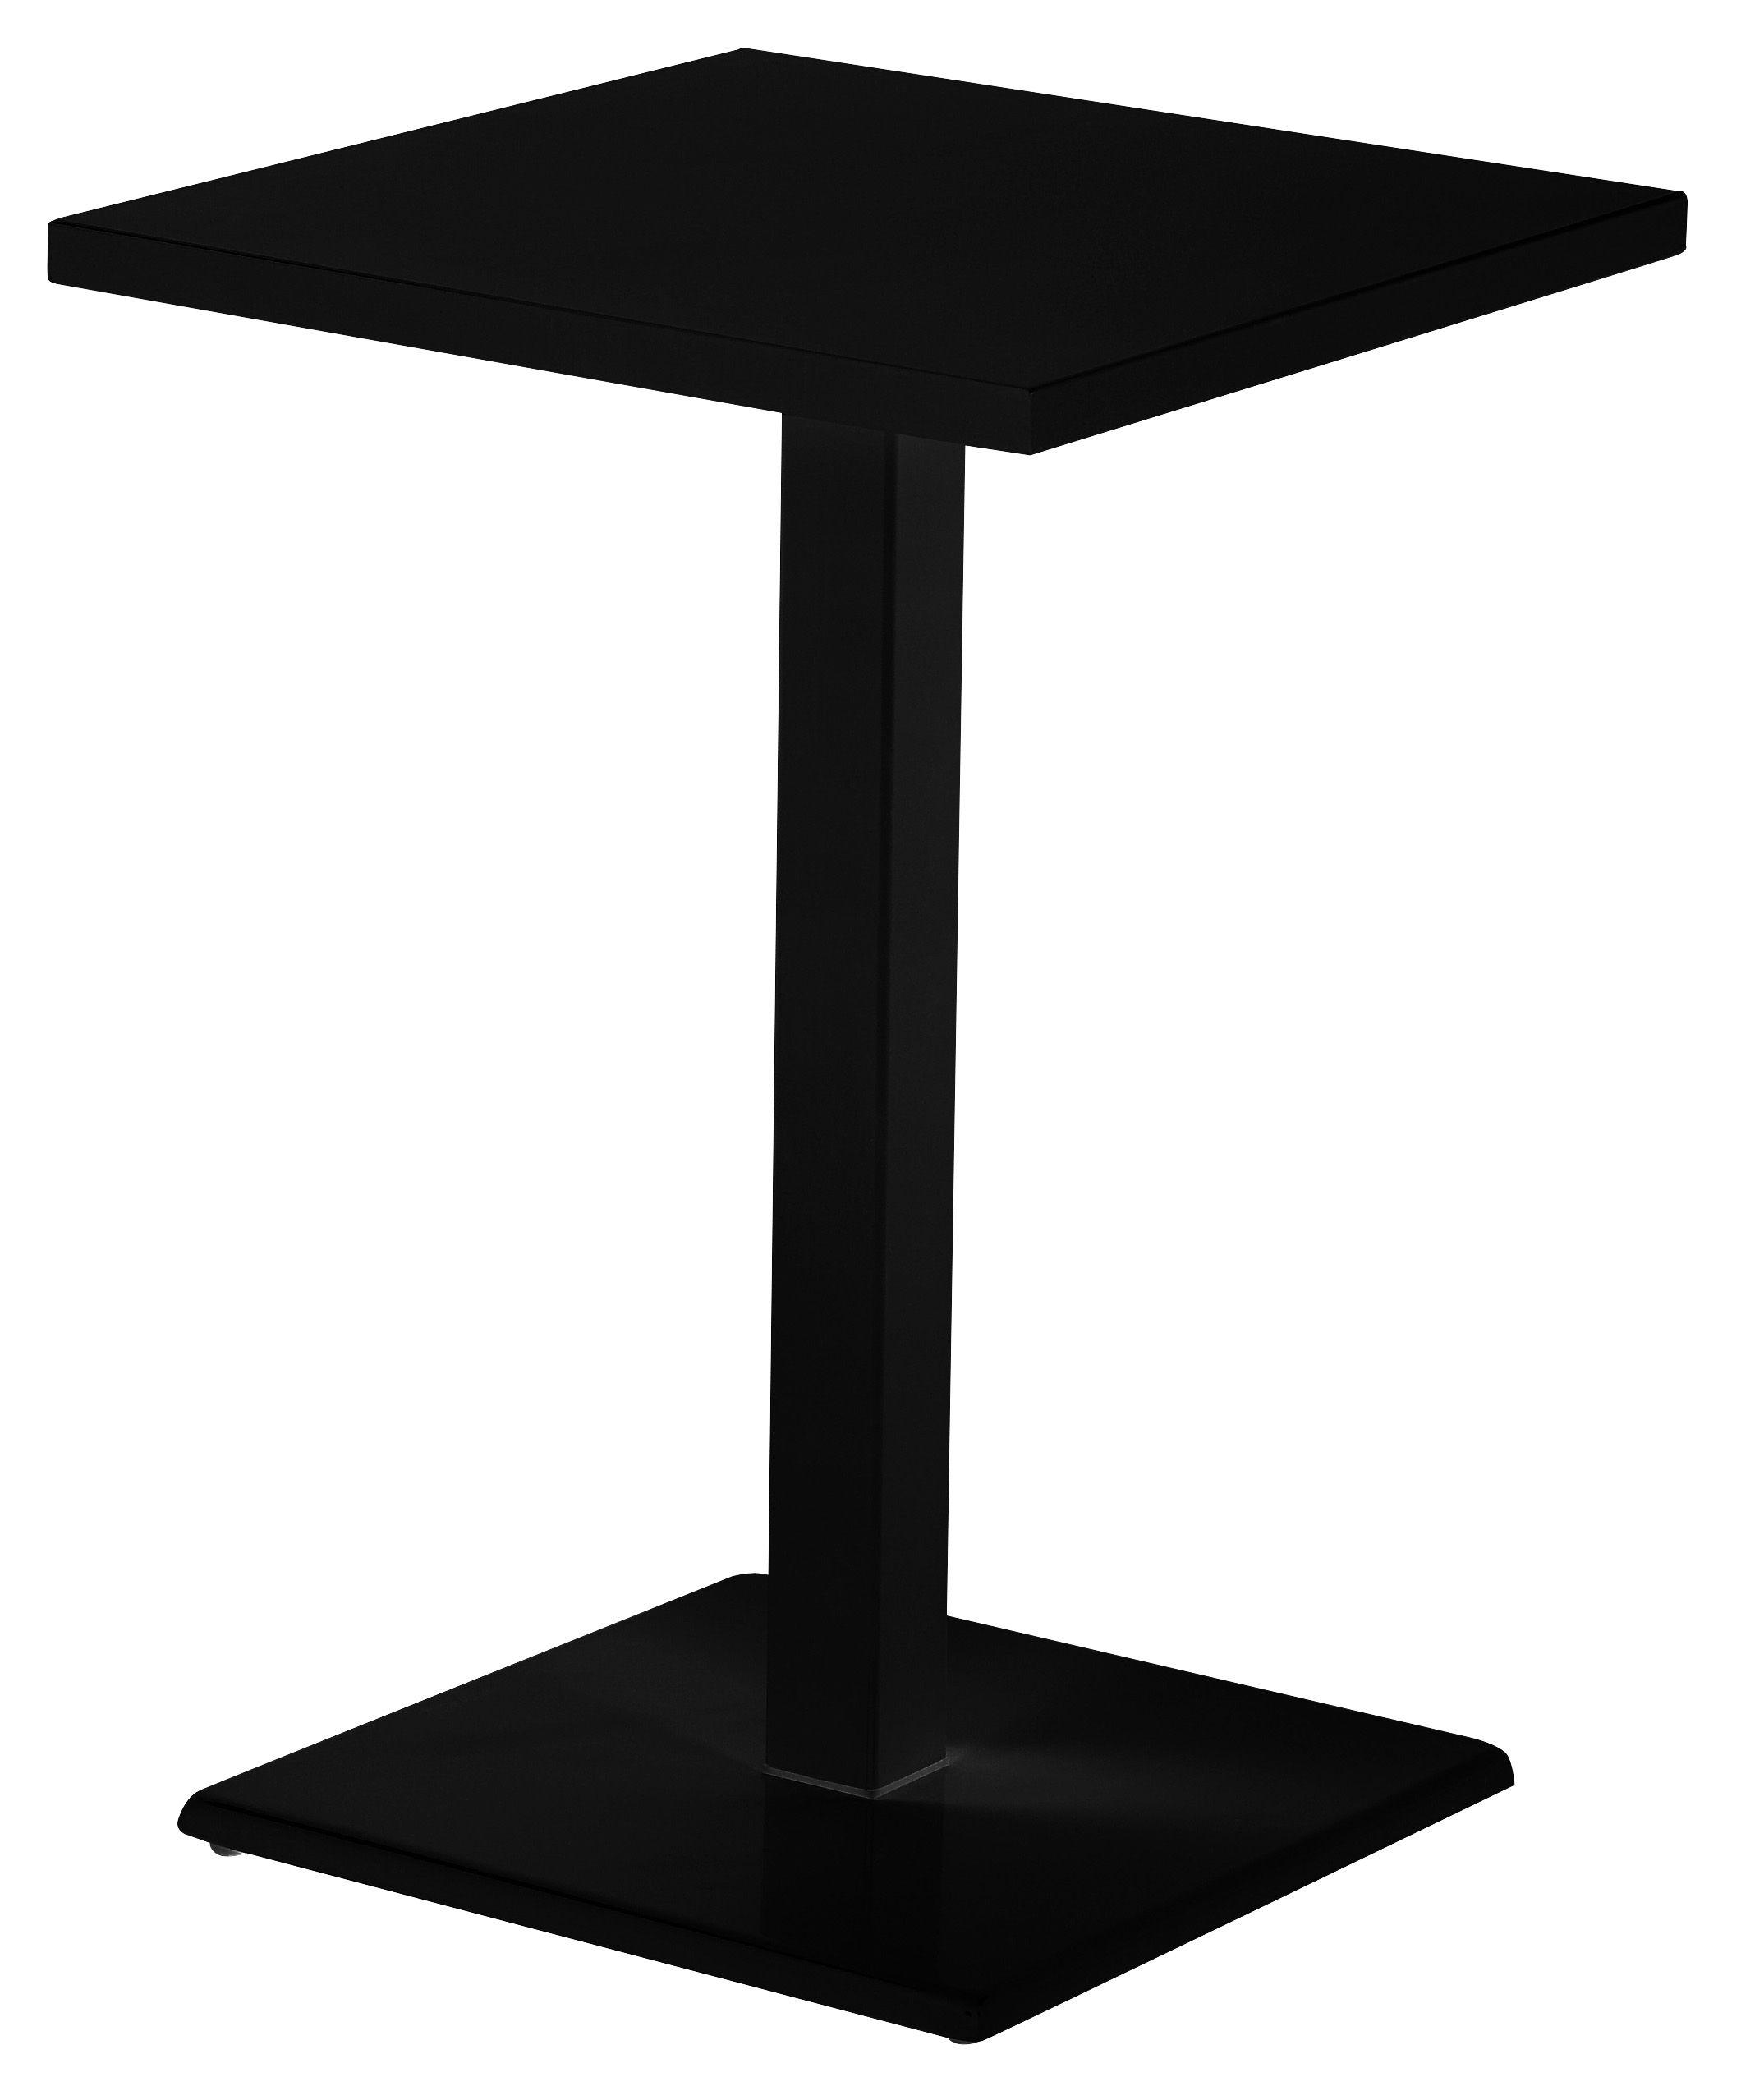 Tavolo bar alto round emu nero h 105 made in design for Tavoli alti design